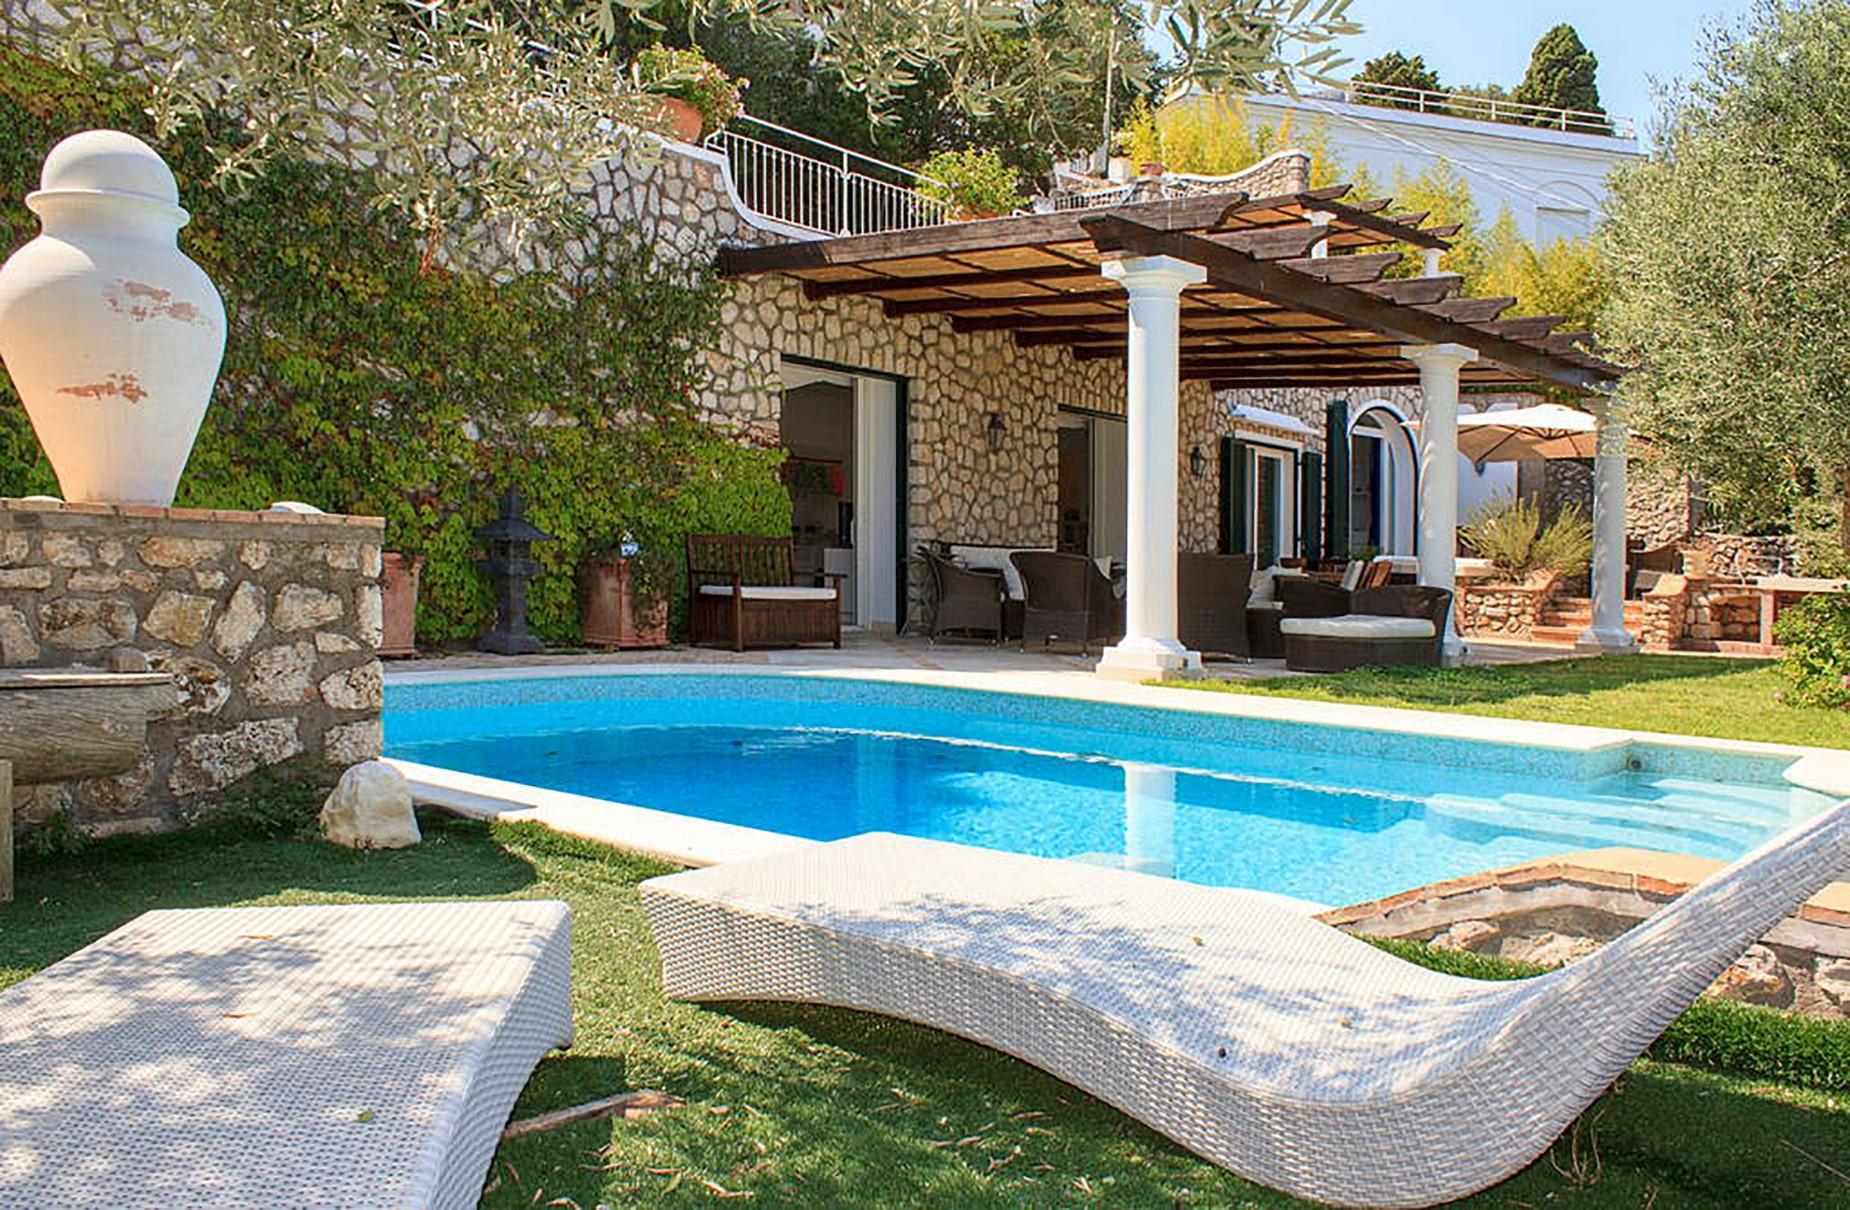 Villa in Vendita a Capri: 5 locali, 150 mq - Foto 2